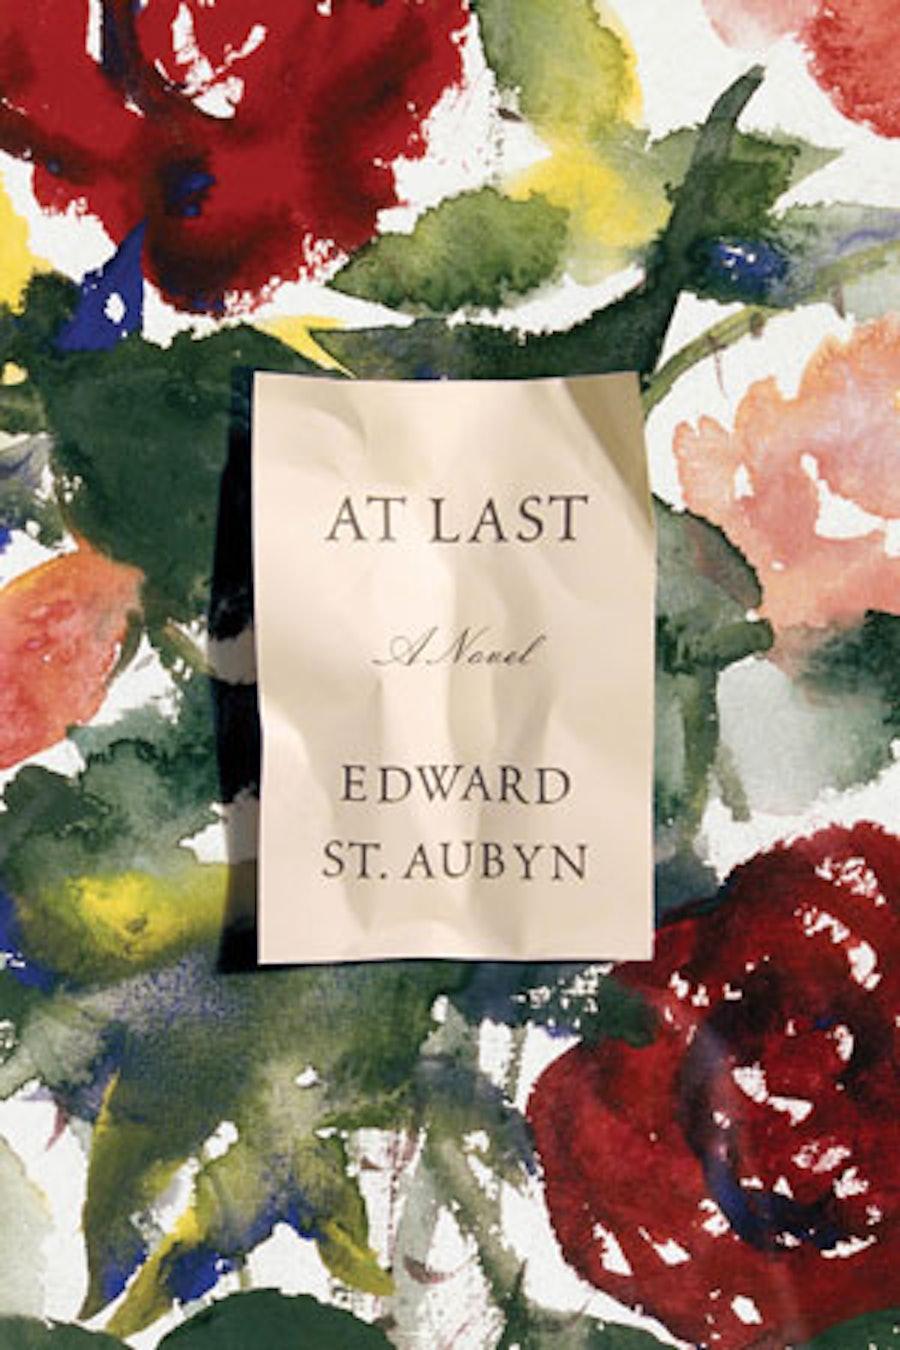 arar-at-last-edward-st-aubyn-v.jpg